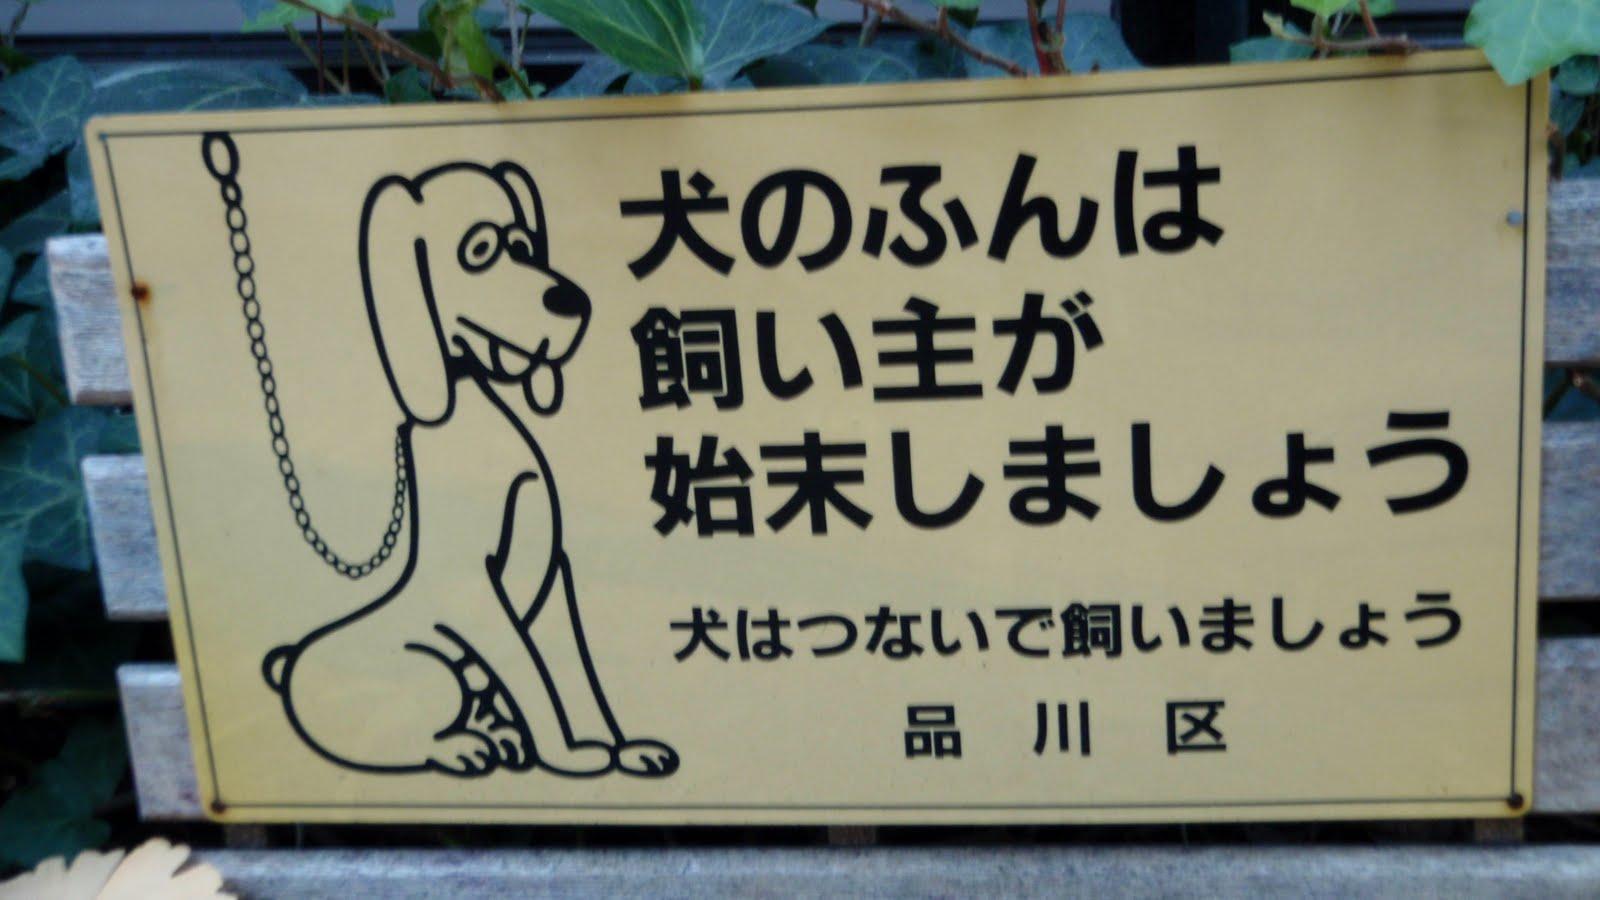 Tokyo Street Food Signs